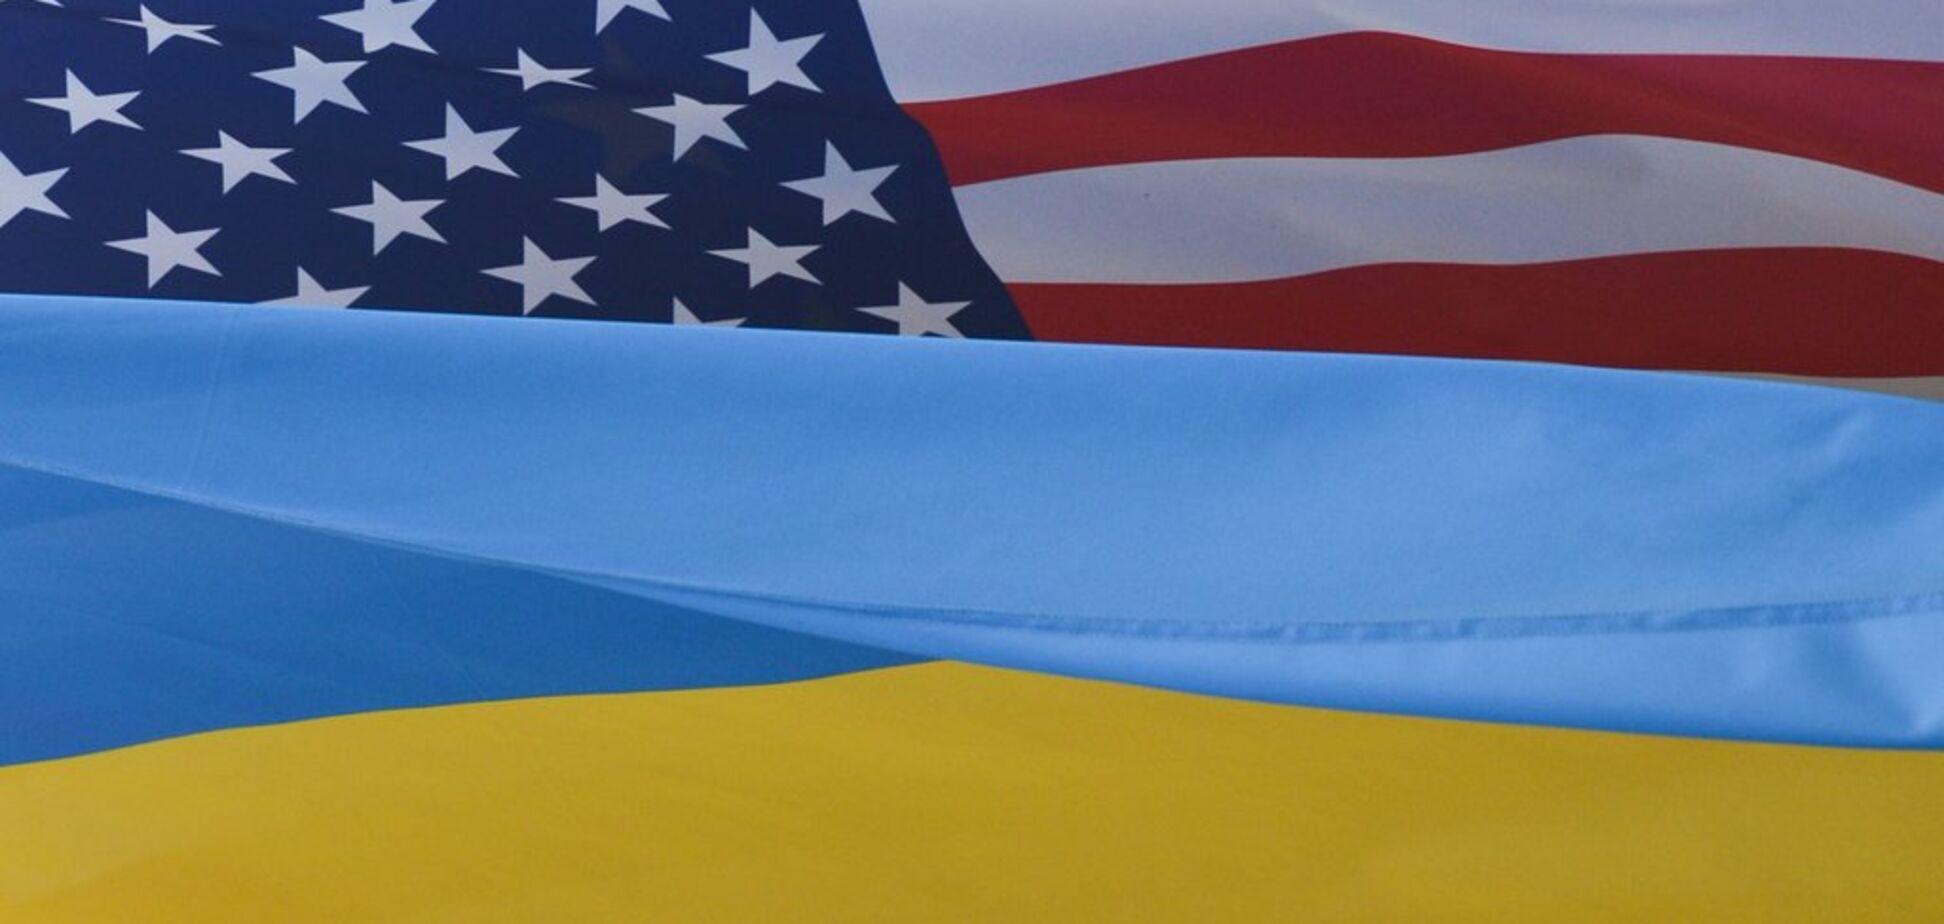 Украина может получить миллиарды долларов благодаря США: куда пойдут деньги